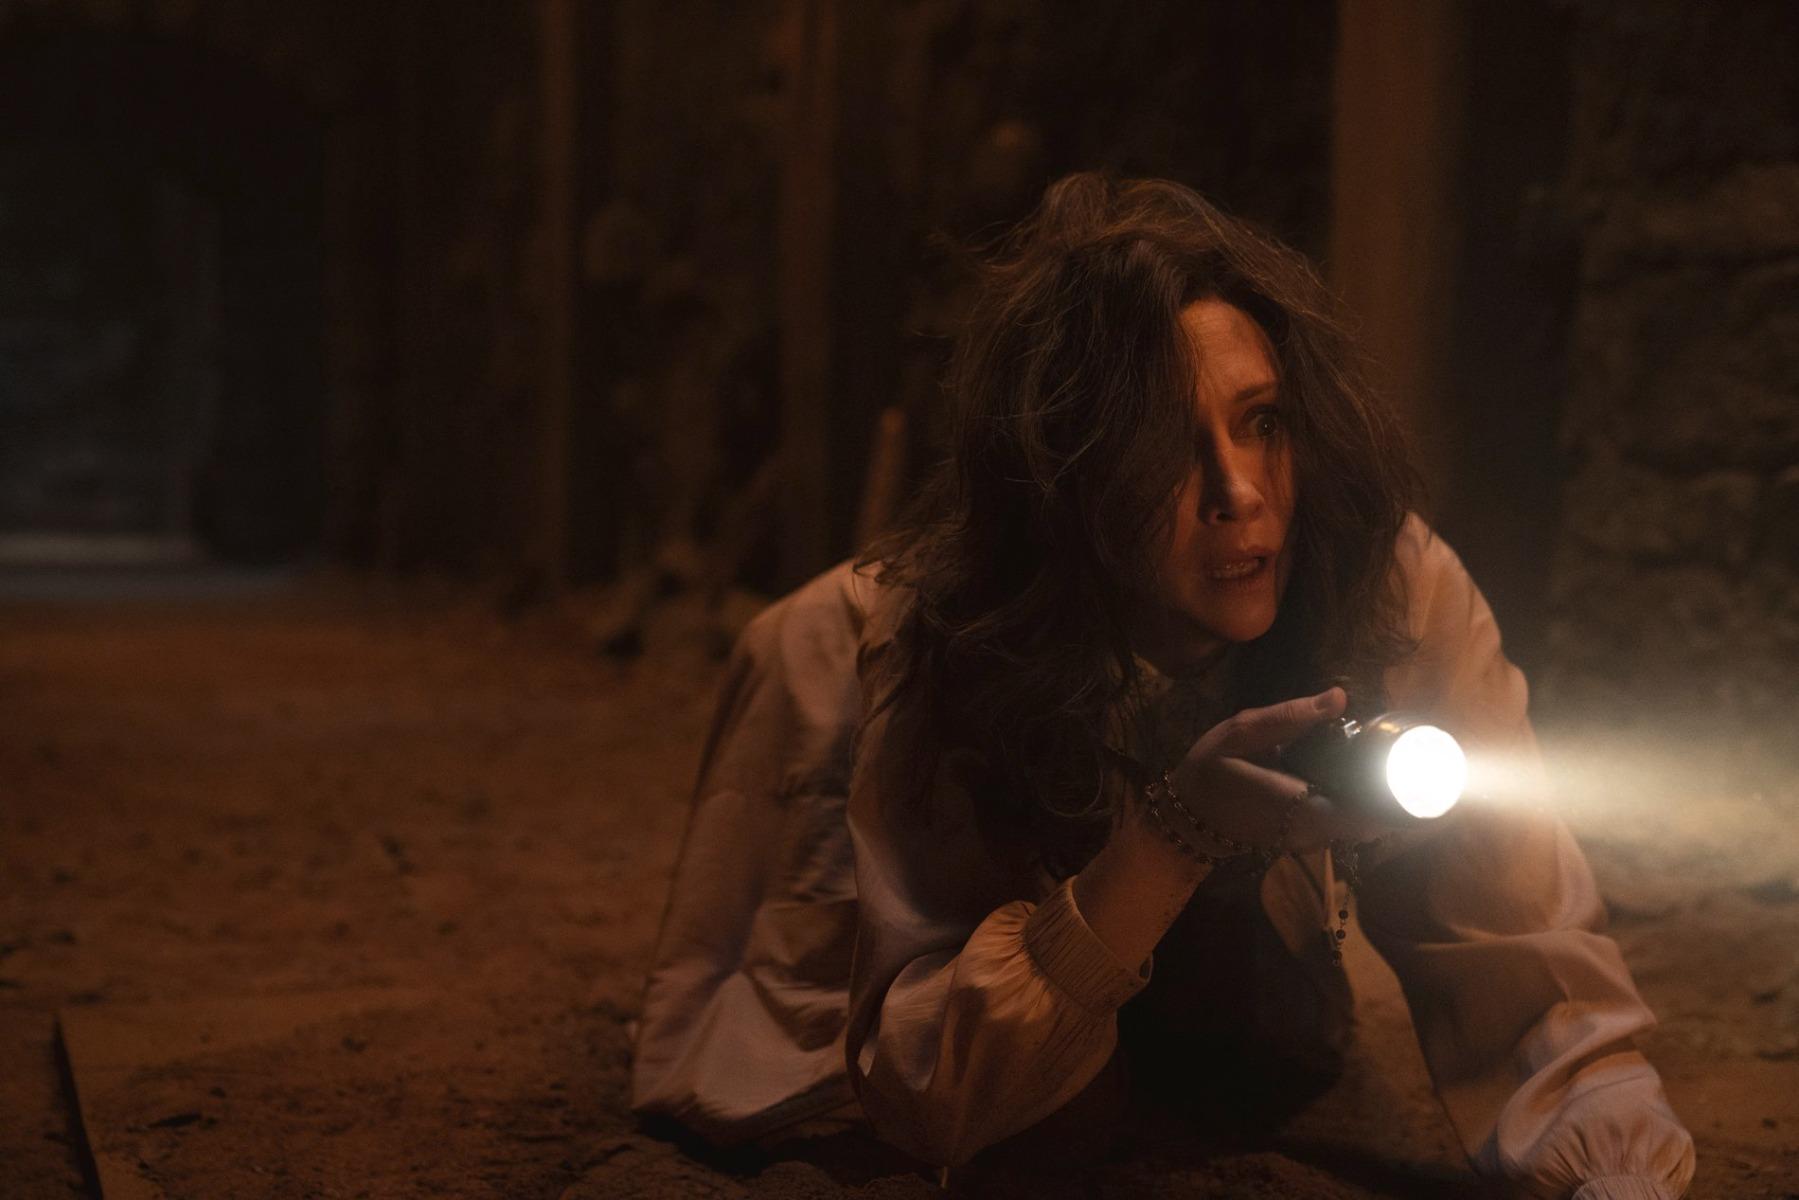 """>The Conjuring"""" phần mới nhất: Lorraine Warren có thêm siêu năng lực, yếu tố tâm linh thêm phần """"nặng đô""""?"""